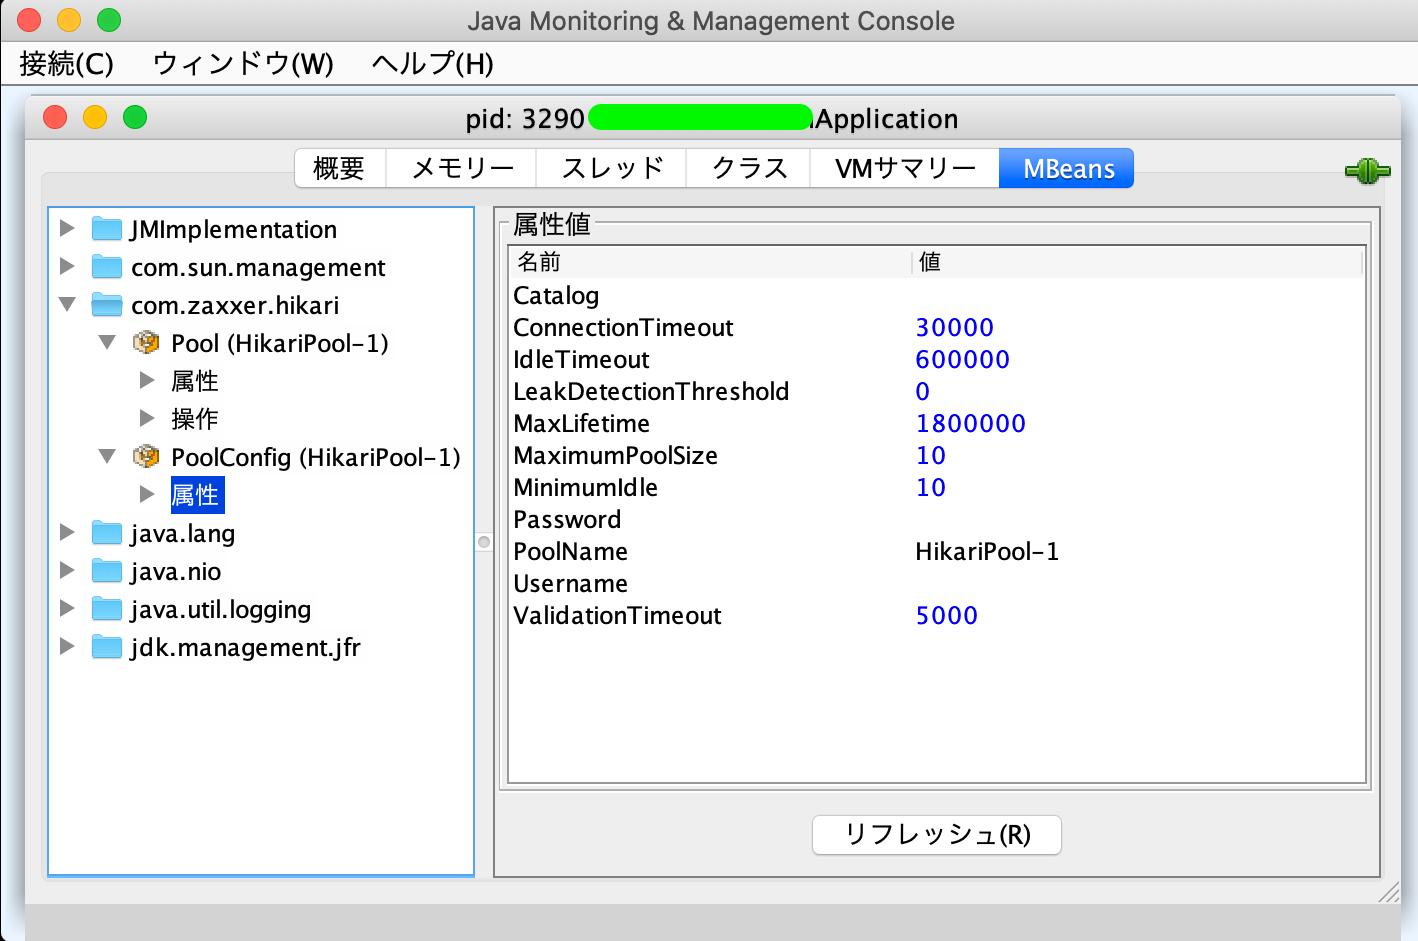 スクリーンショット 2020-02-24 14.32.12.png